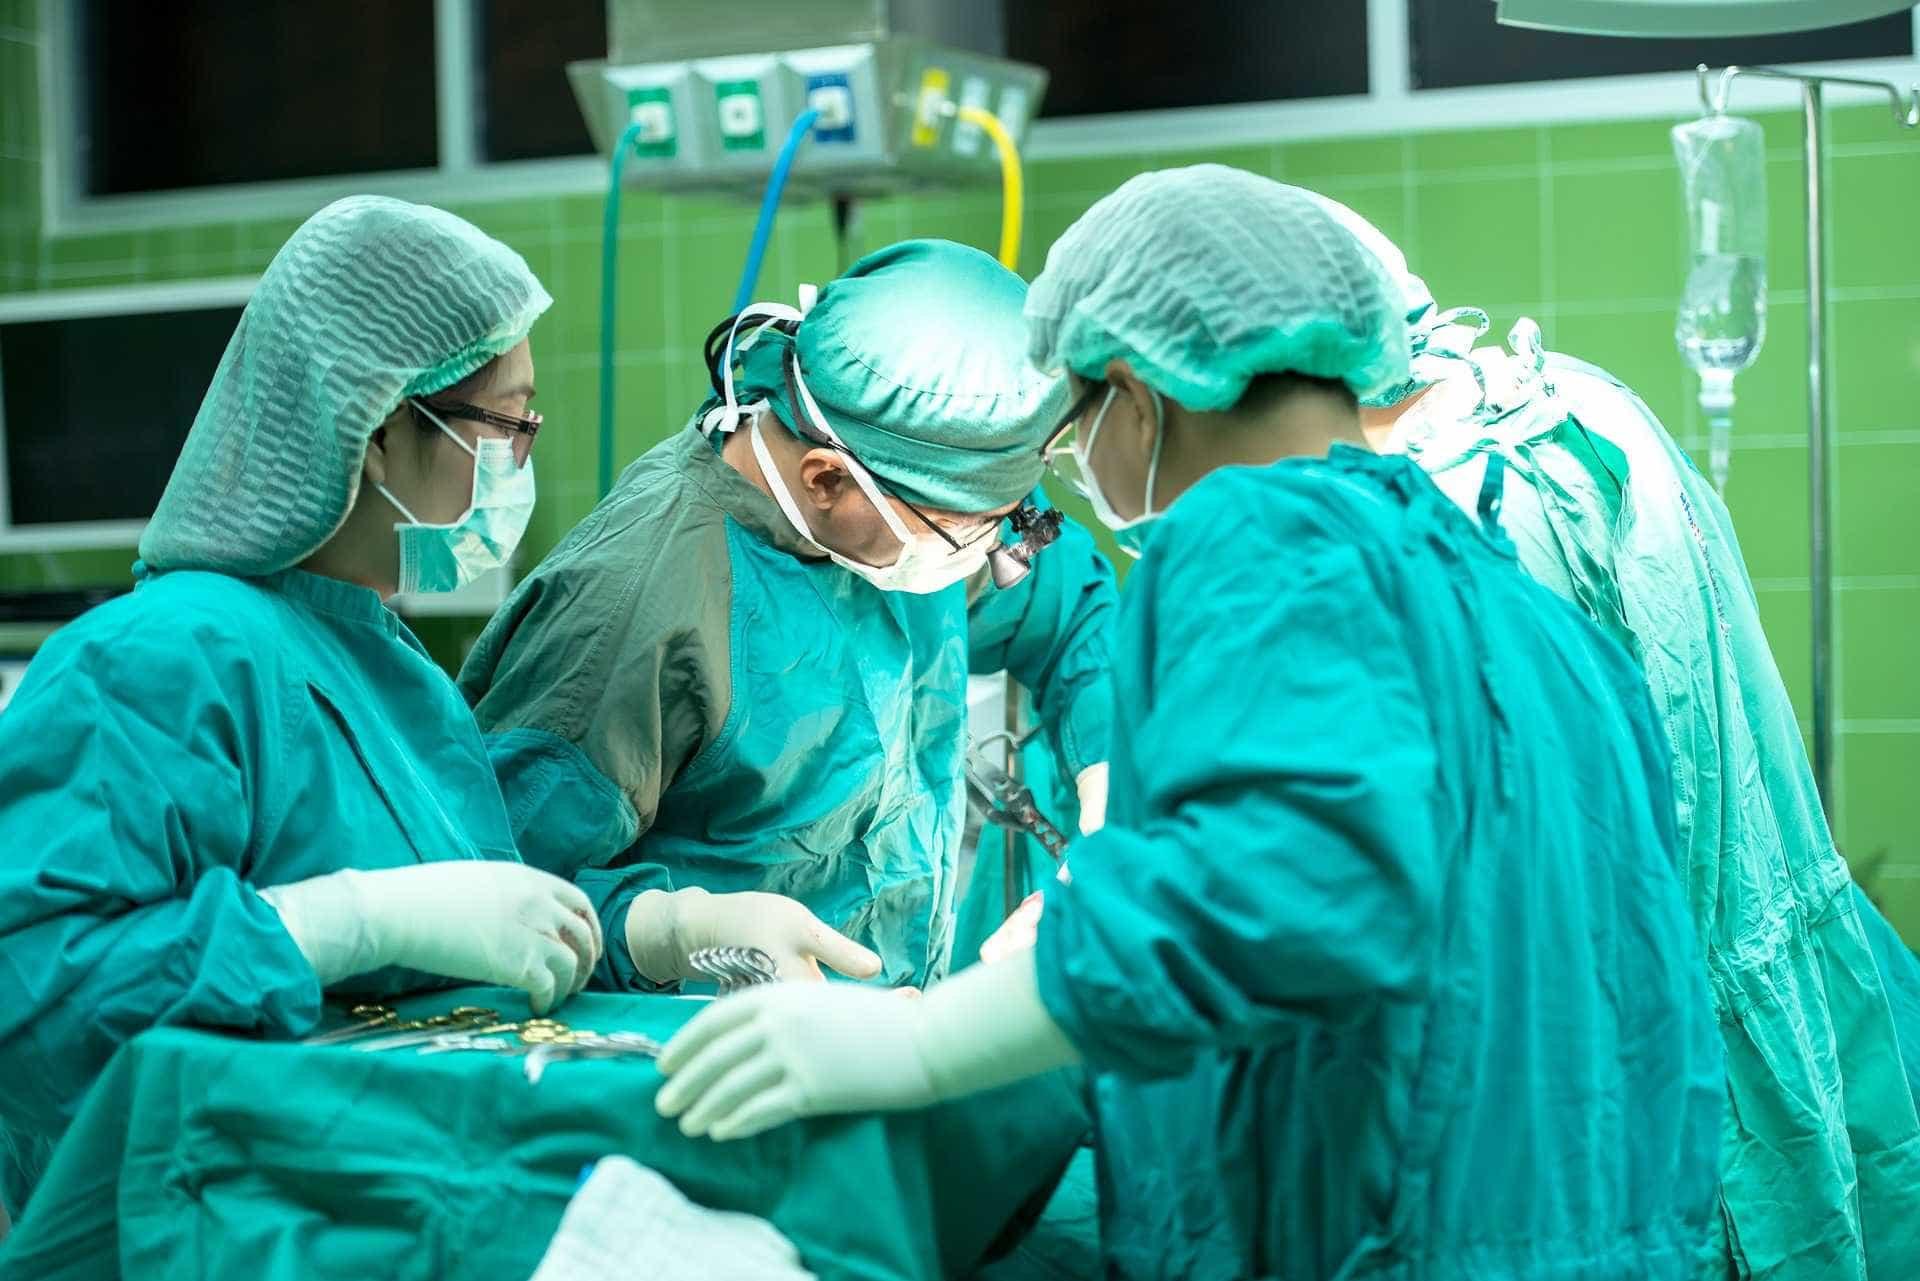 'Homem de três rostos' recebe transplante facial inédito no mundo